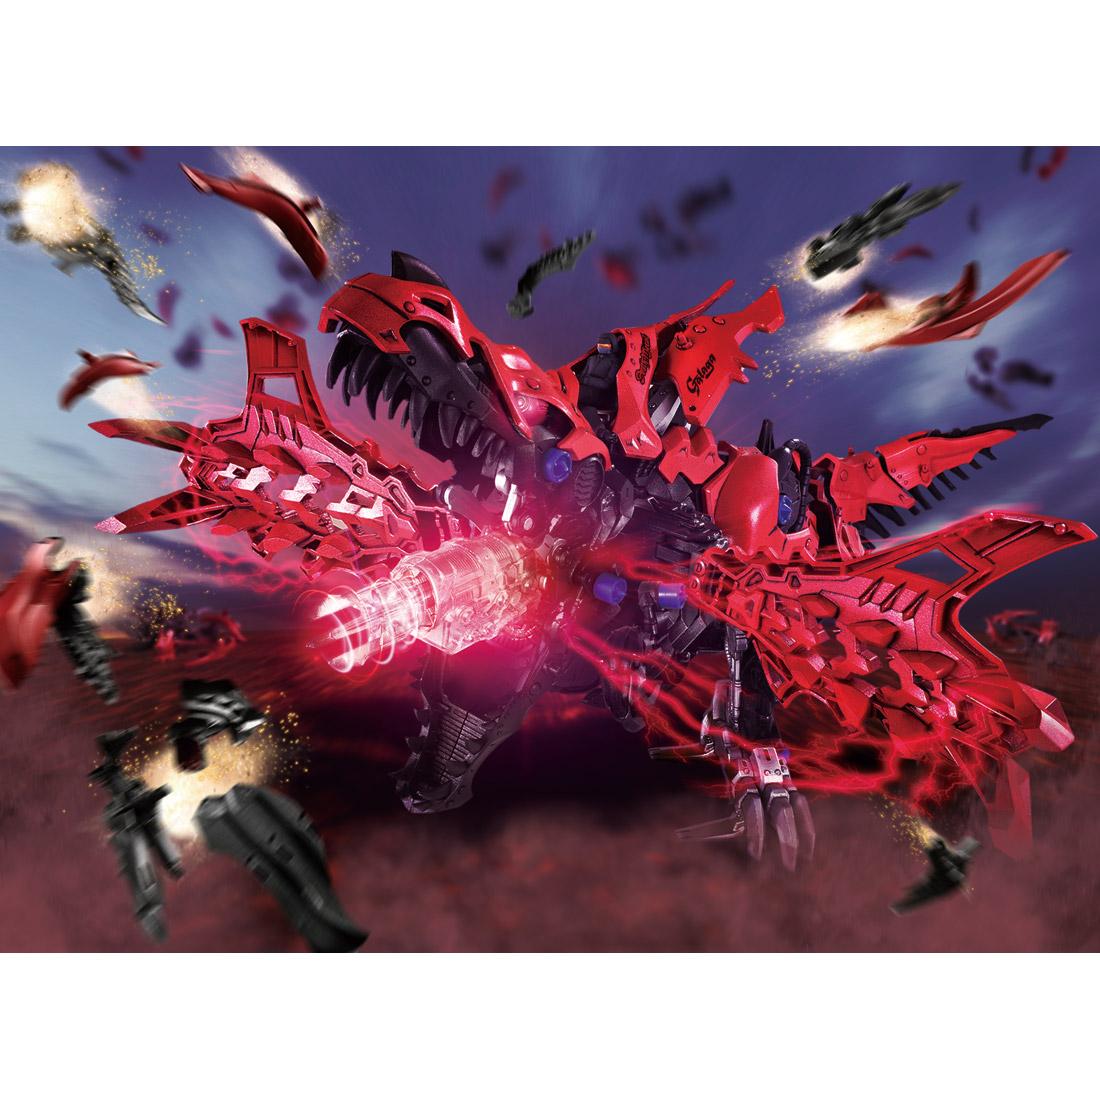 ZOIDS『ZW12 デスレックス』ゾイドワイルド 組立キット-007